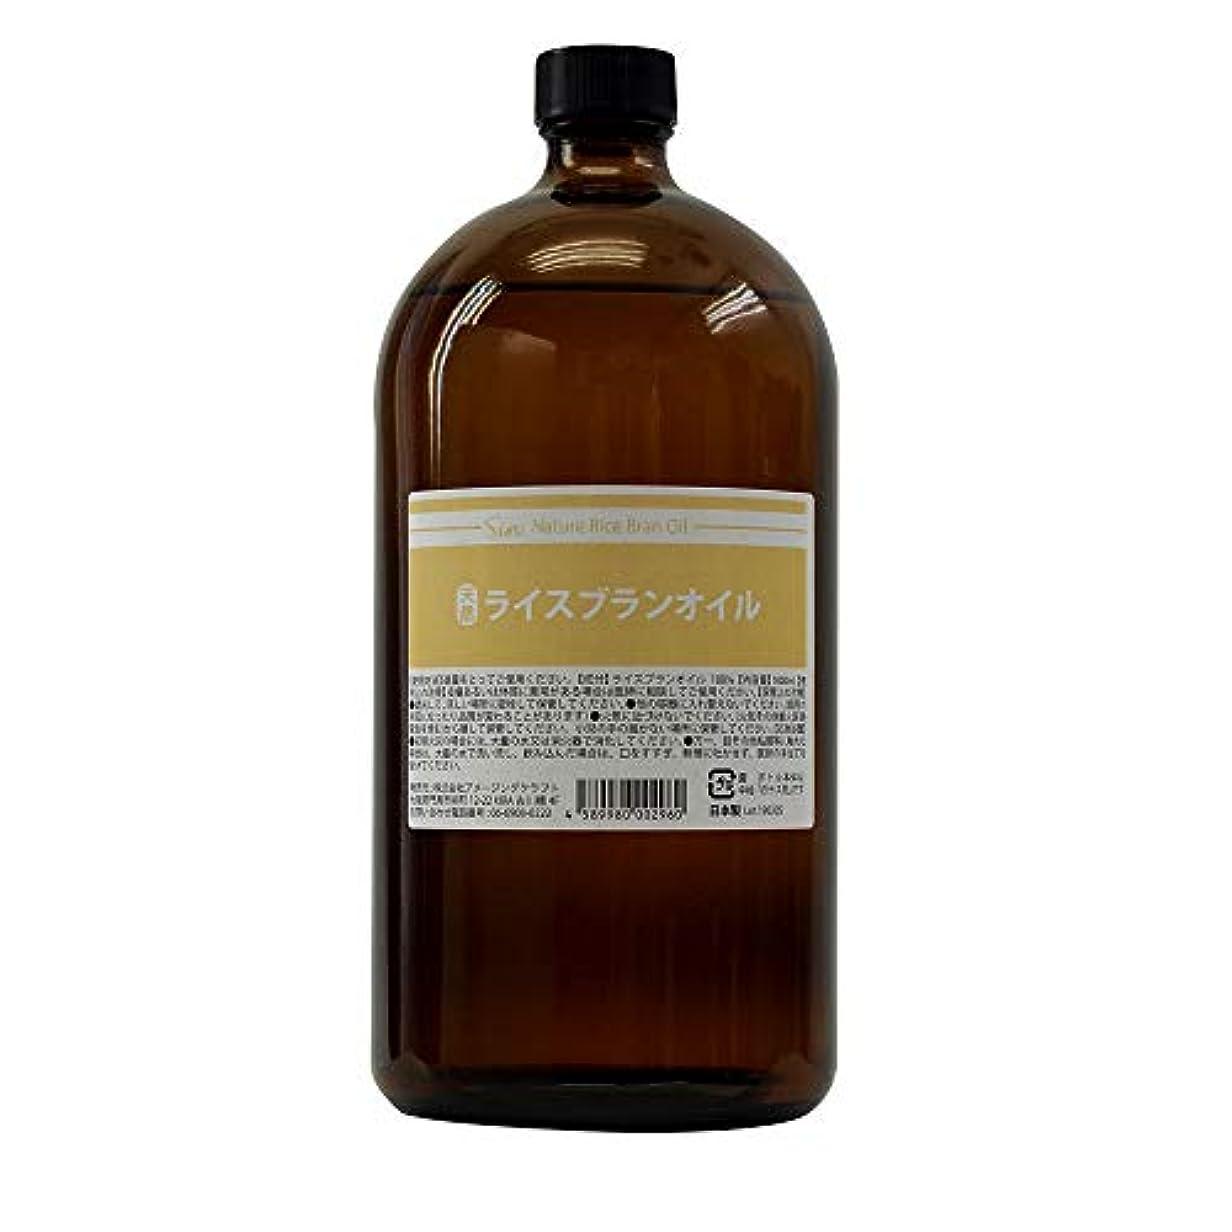 カンガルー材料ブランド名国内精製 ライスブランオイル 1000ml (1L)